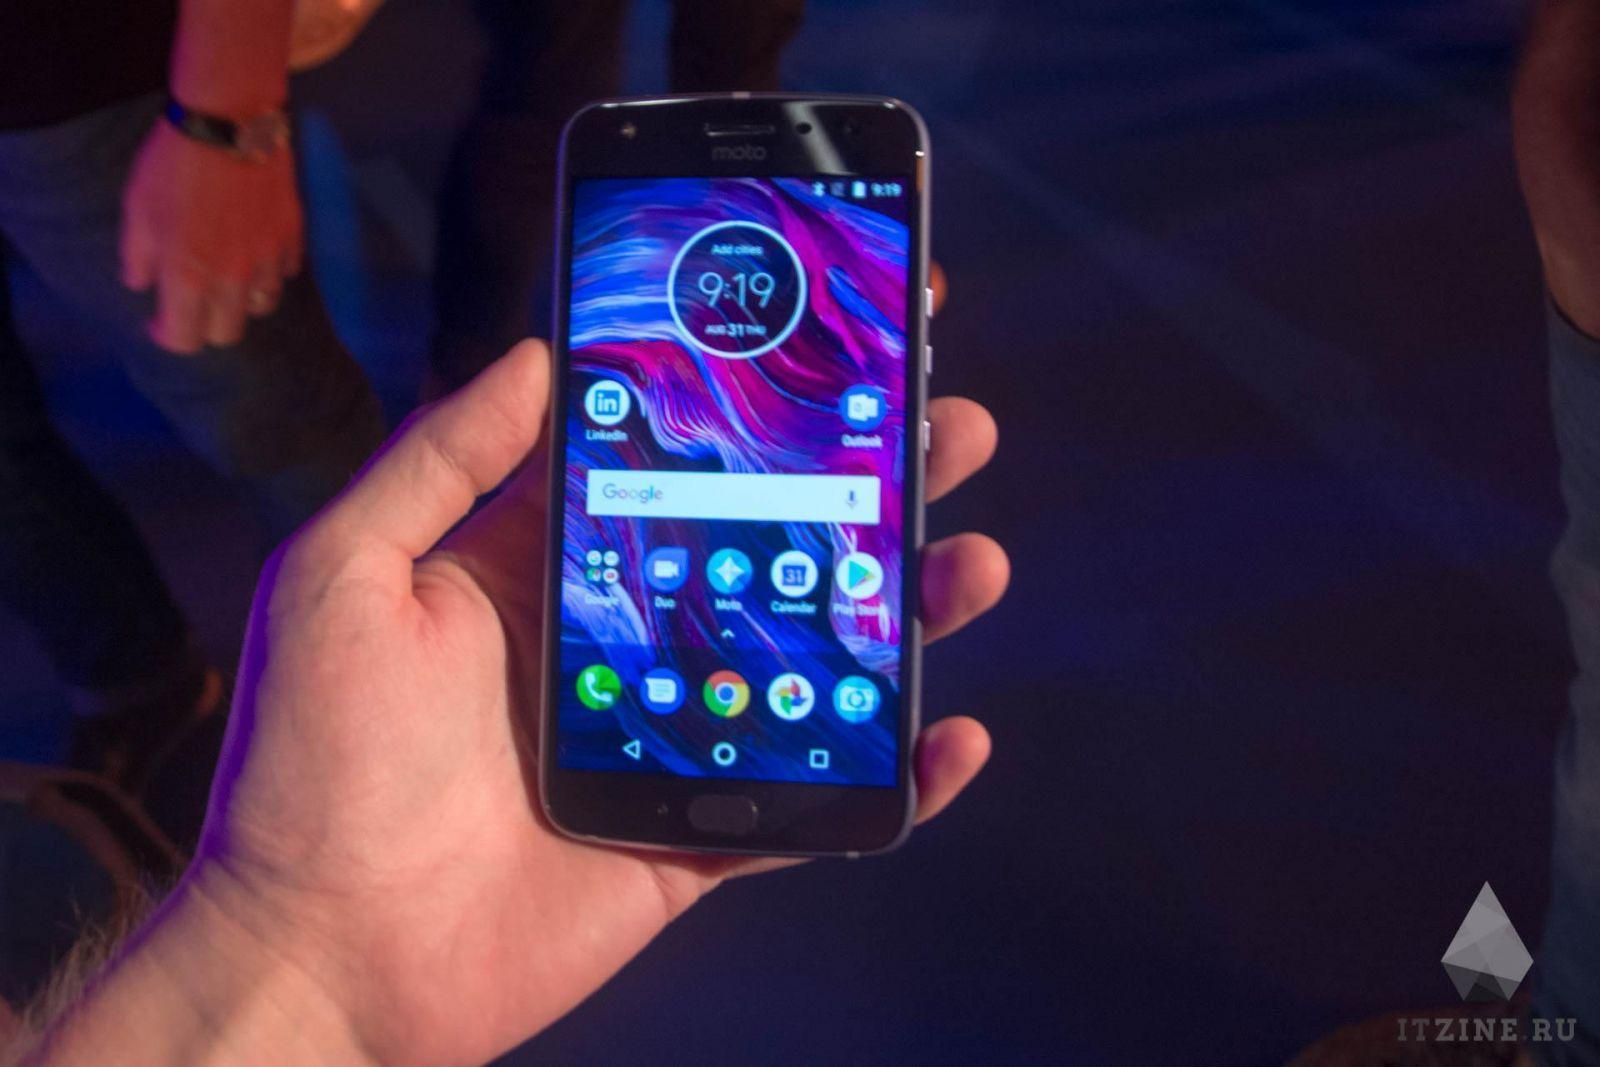 """""""Живые"""" фото Moto X4 с IFA 2017 (DSC 4706 2)"""